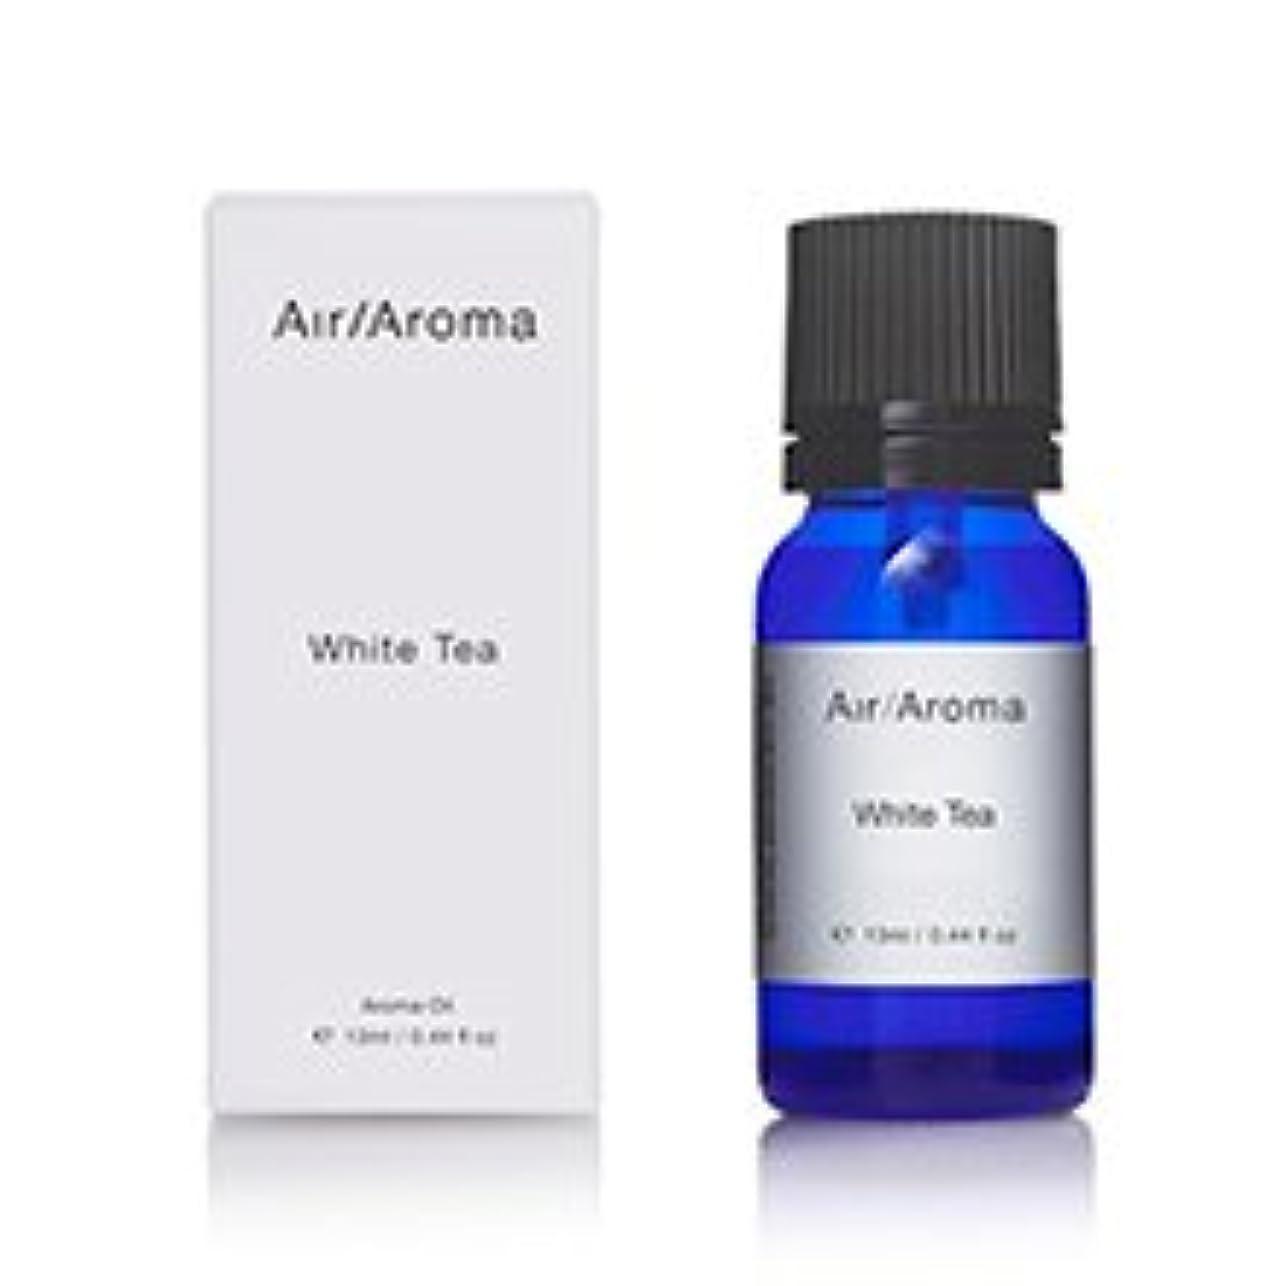 現れる垂直名目上のエアアロマ White Tea (ホワイトティー) 13ml